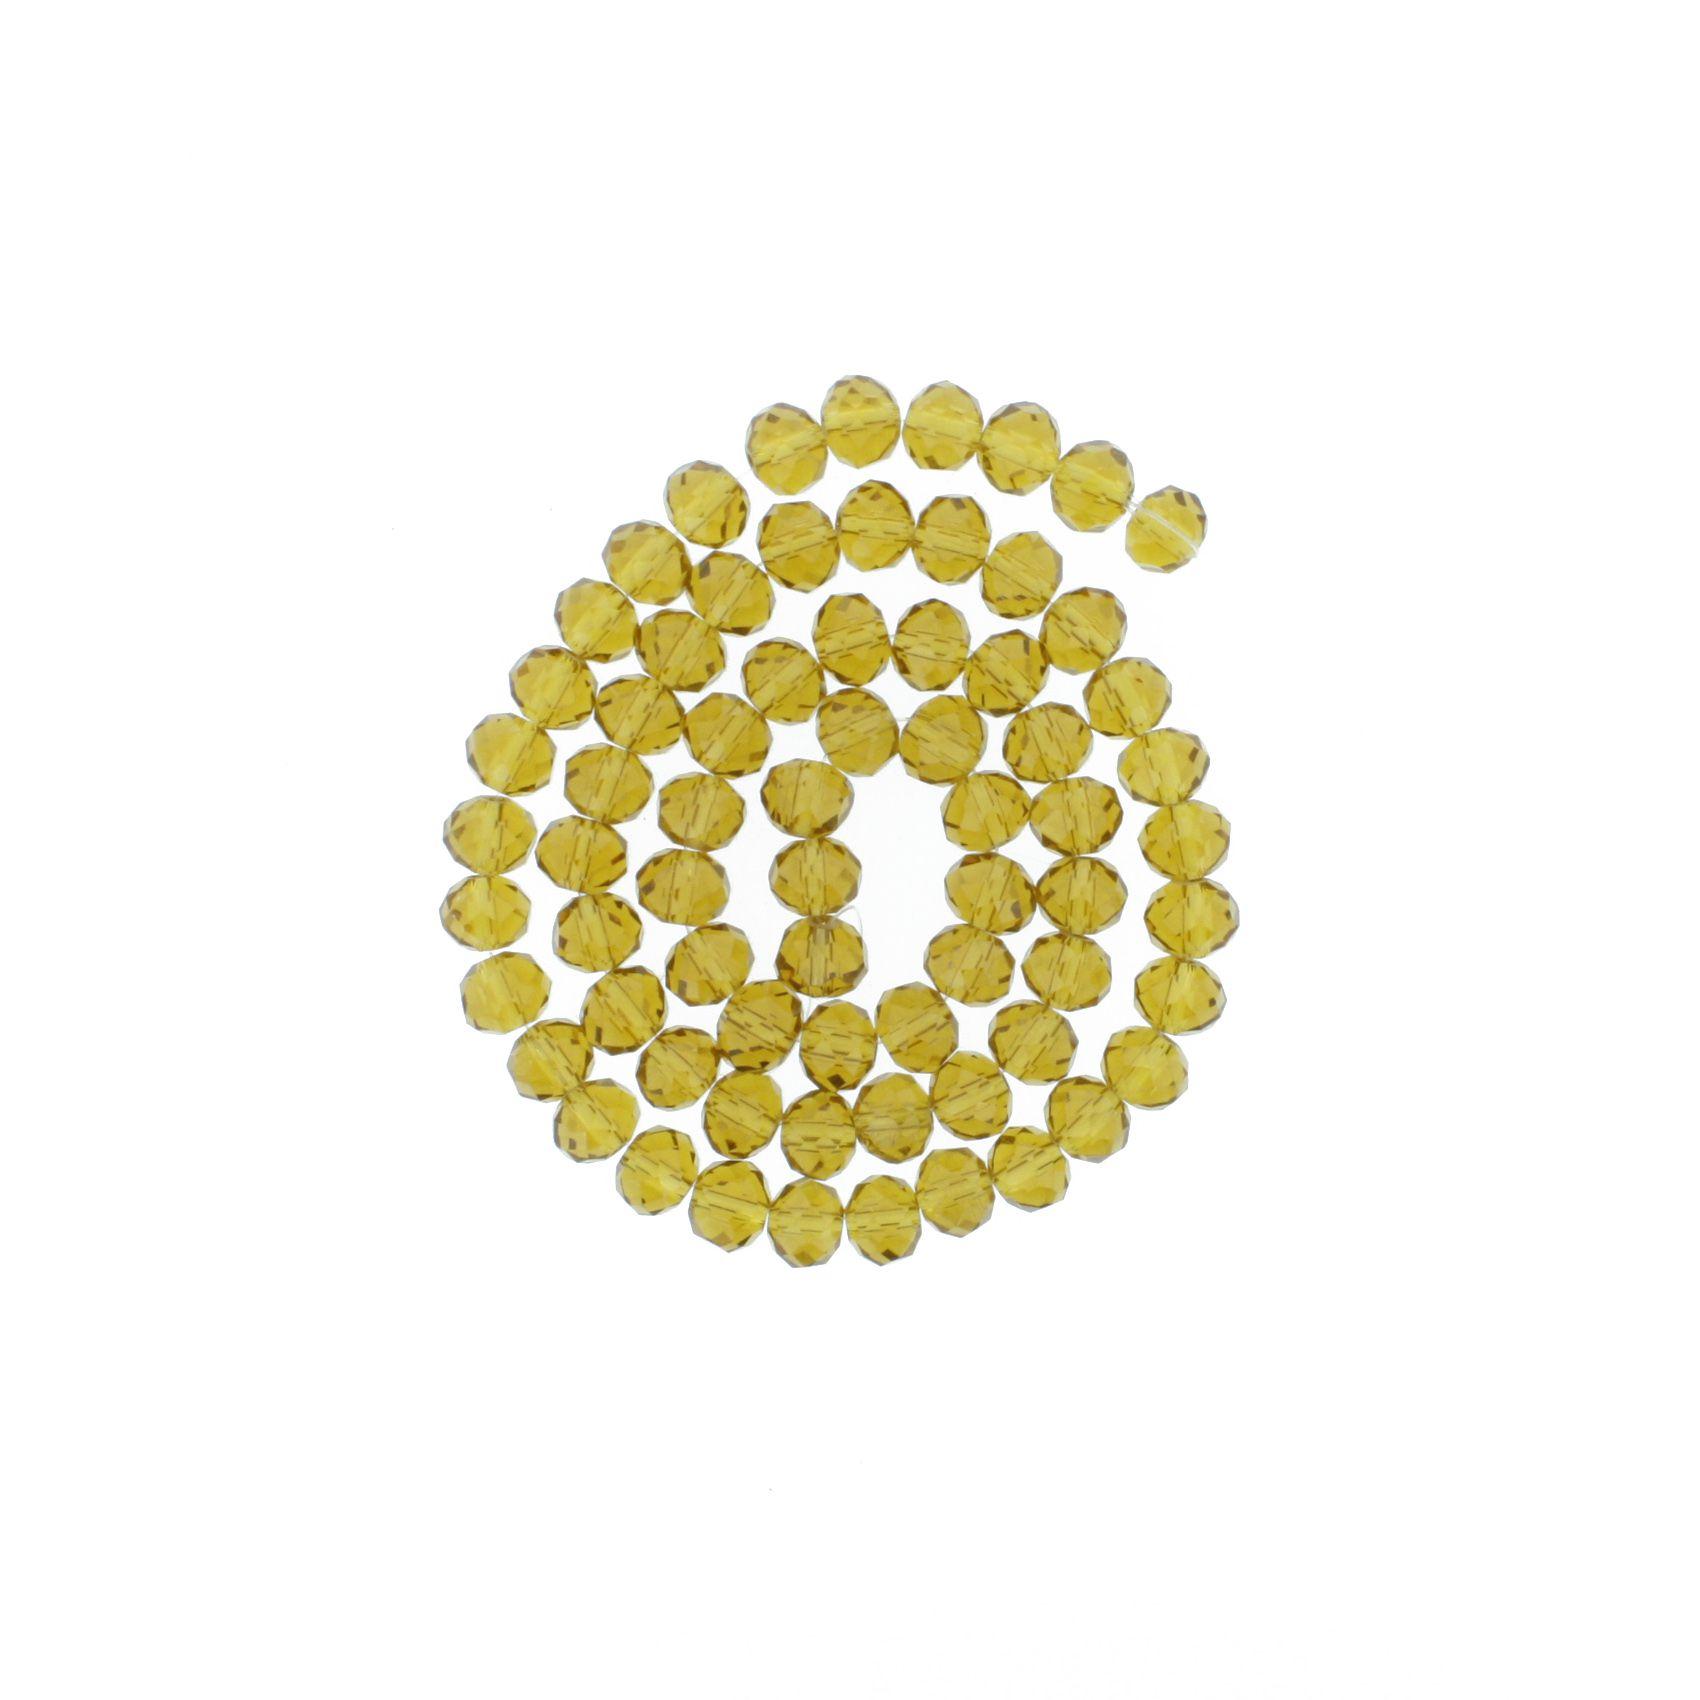 Fio de Cristal - Flat® - Ambar Claro Transparente - 8mm  - Stéphanie Bijoux® - Peças para Bijuterias e Artesanato